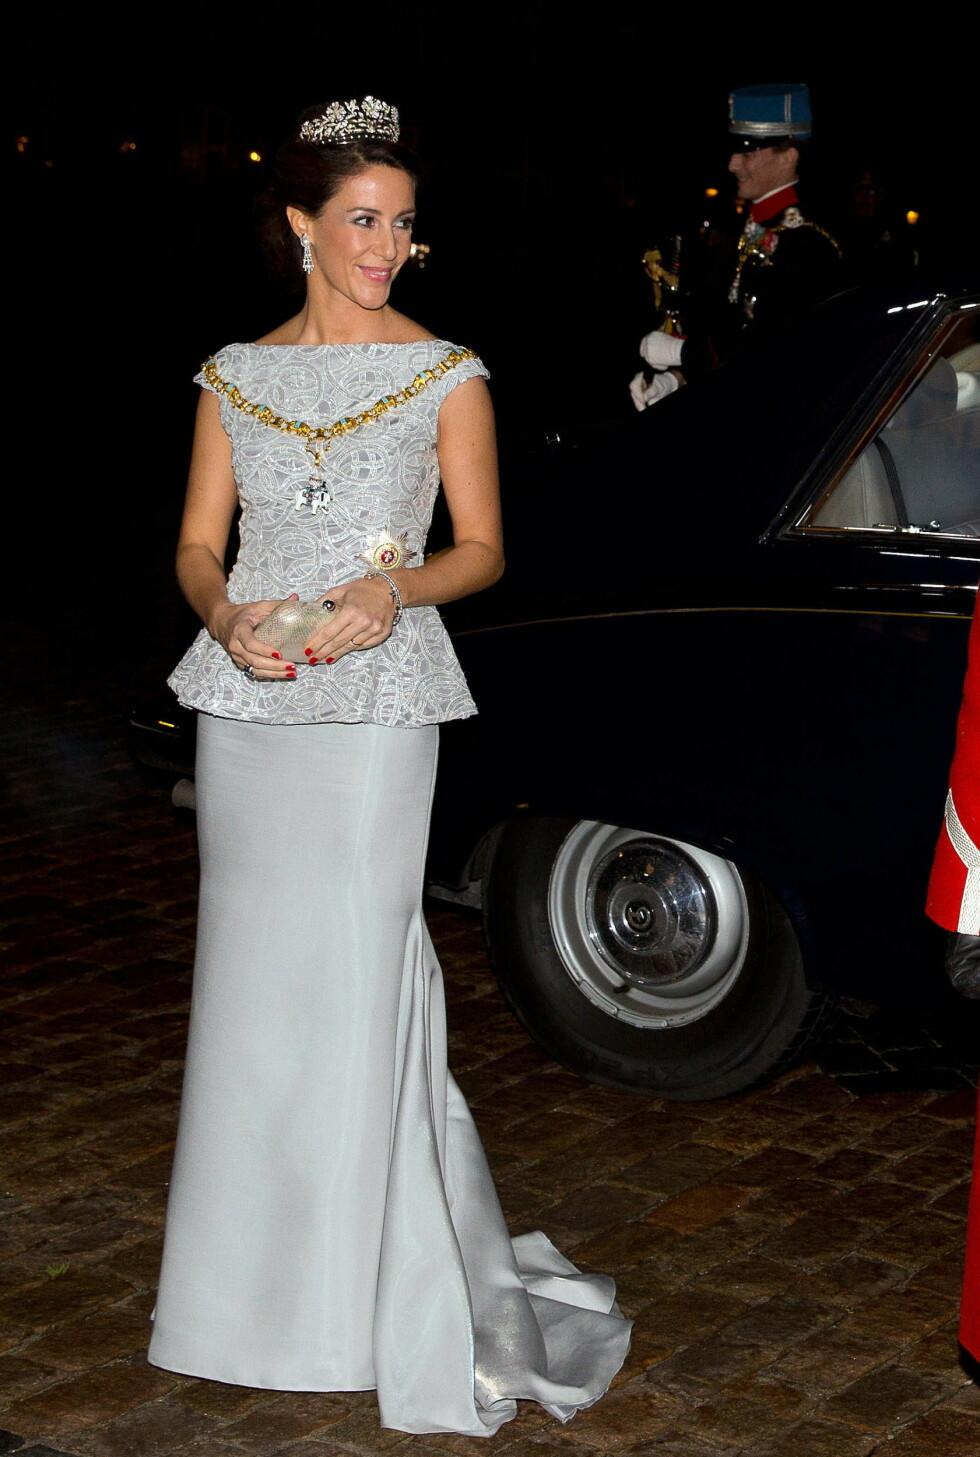 ELEGANT: Prinsesse Marie får skryt langt over landegrensene for valget av denne sølvfargede kreasjonen i peplumsnitt.   Foto: action press/All Over Press